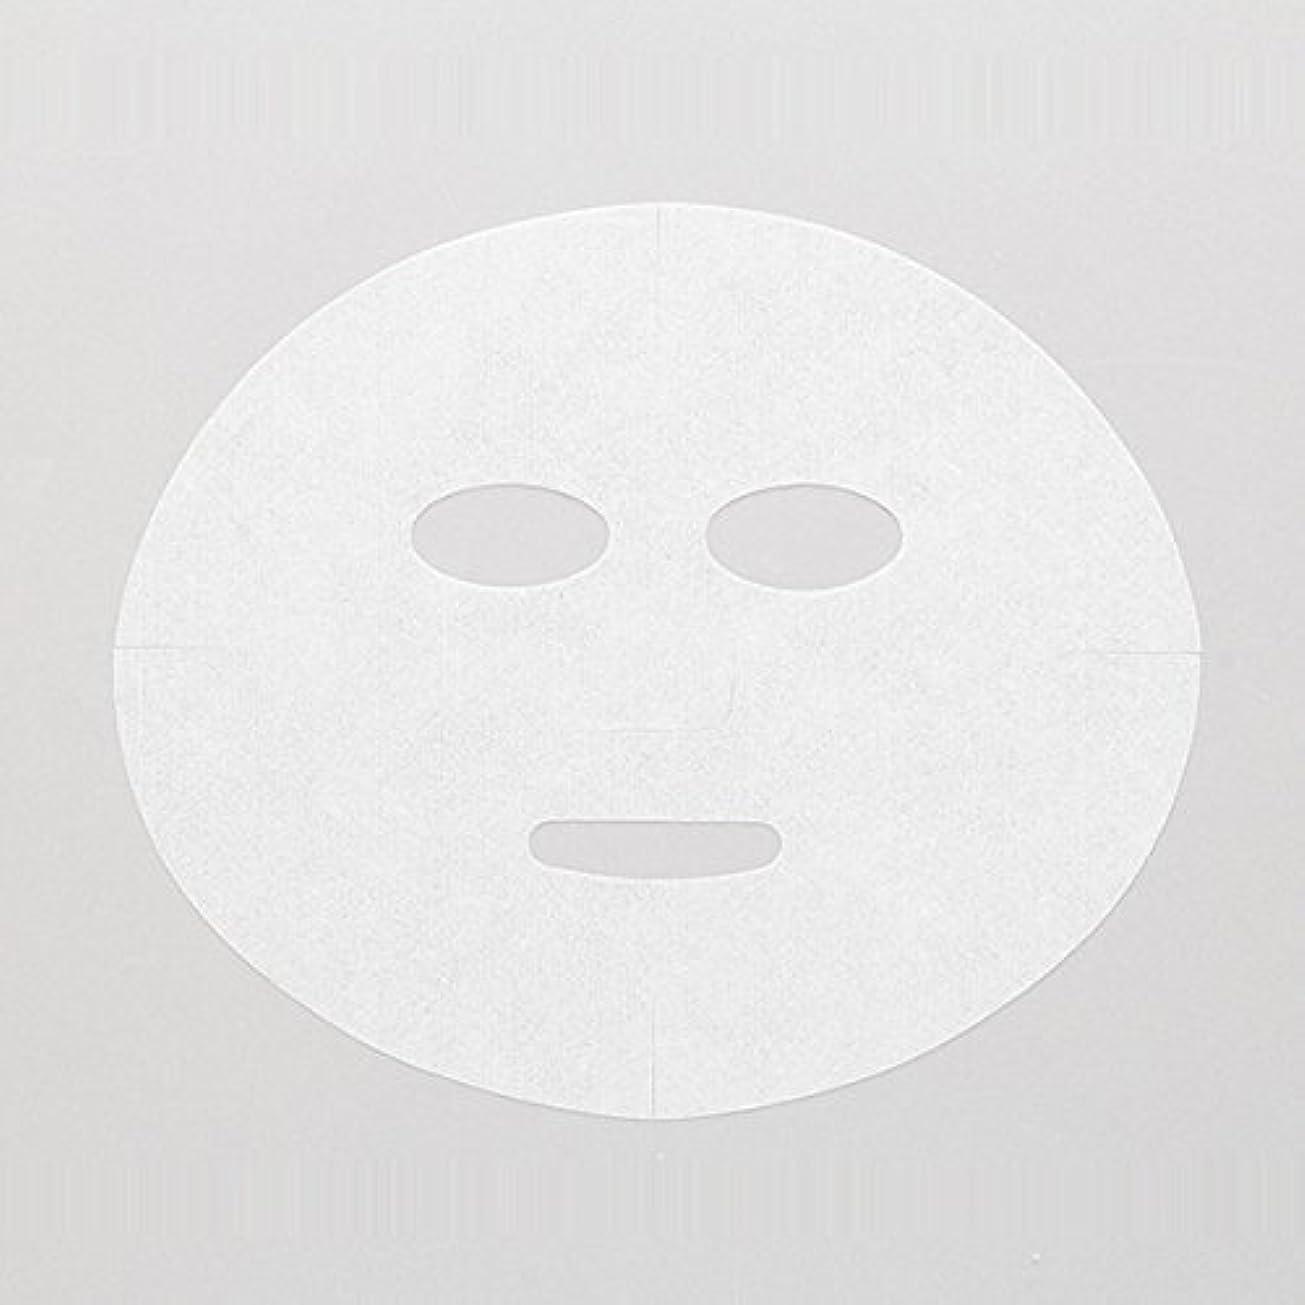 接続詞出力謙虚高保水 フェイシャルシート (マスクタイプ 化粧水無) 80枚 24×20cm [ フェイスマスク フェイスシート フェイスパック フェイシャルマスク シートマスク フェイシャルシート フェイシャルパック ローションマスク ローションパック ]